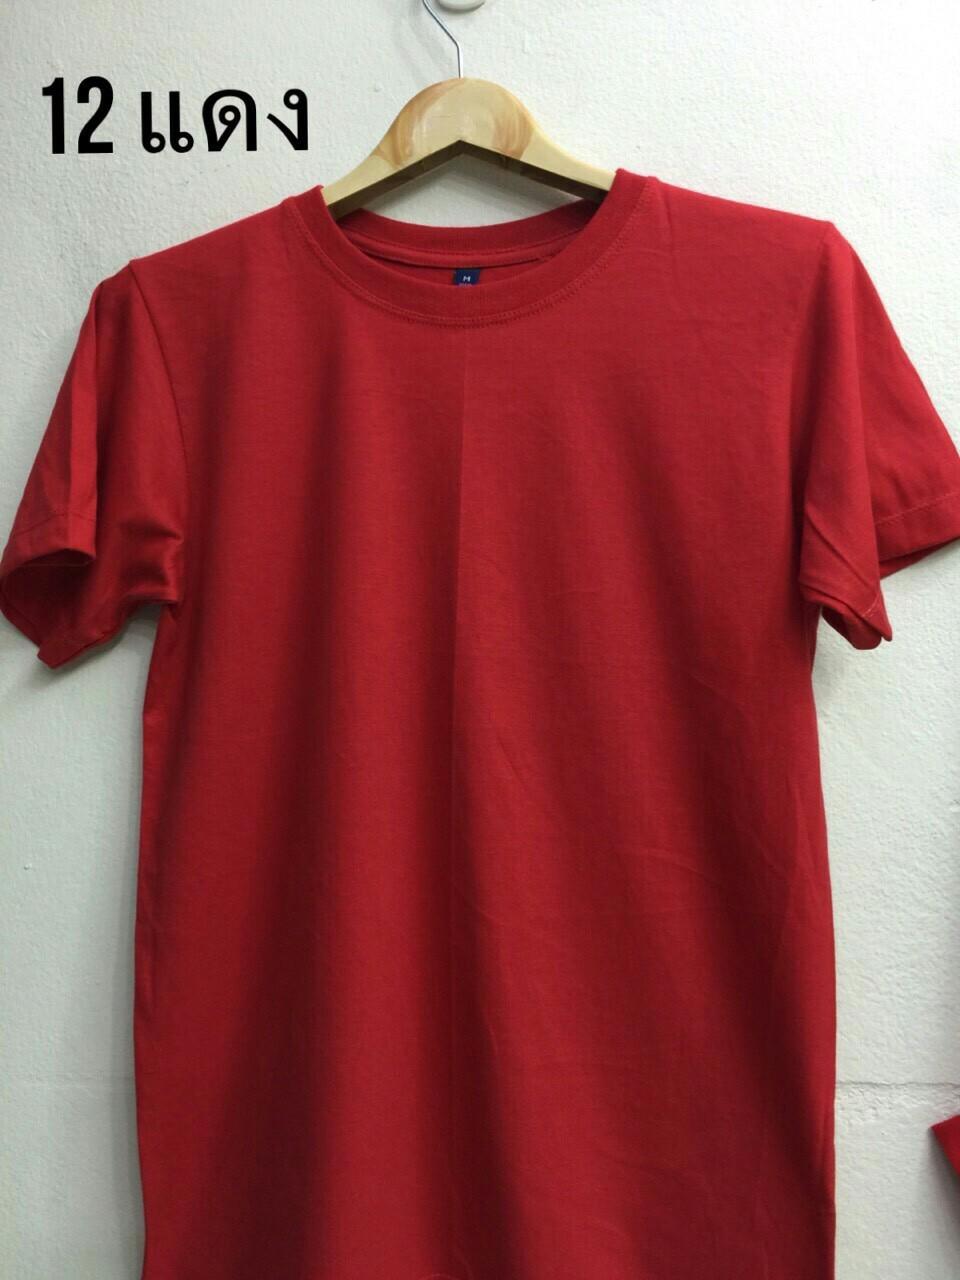 เสื้อ Cotton สีแดง ไซส์ S,M,L